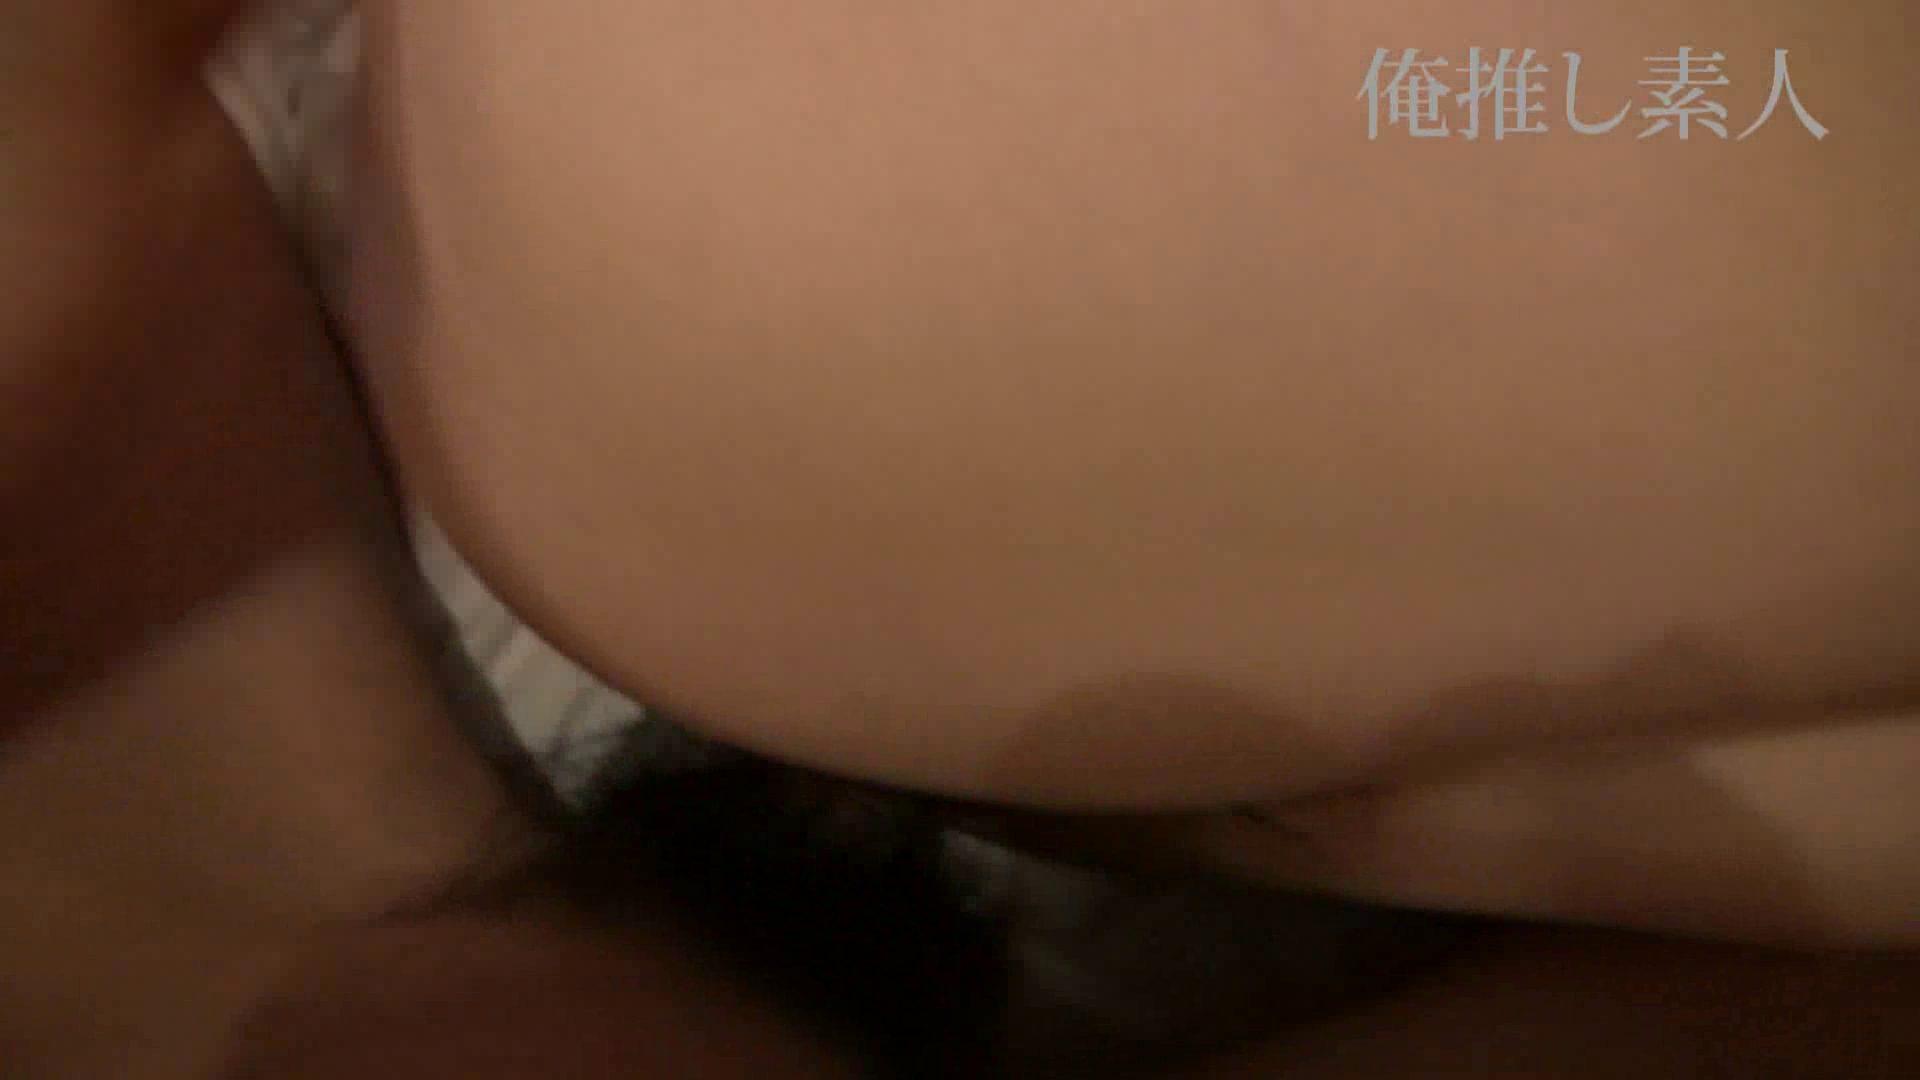 俺推し素人 キャバクラ嬢26歳久美vol2 独身エッチOL   綺麗なおっぱい  84pic 61